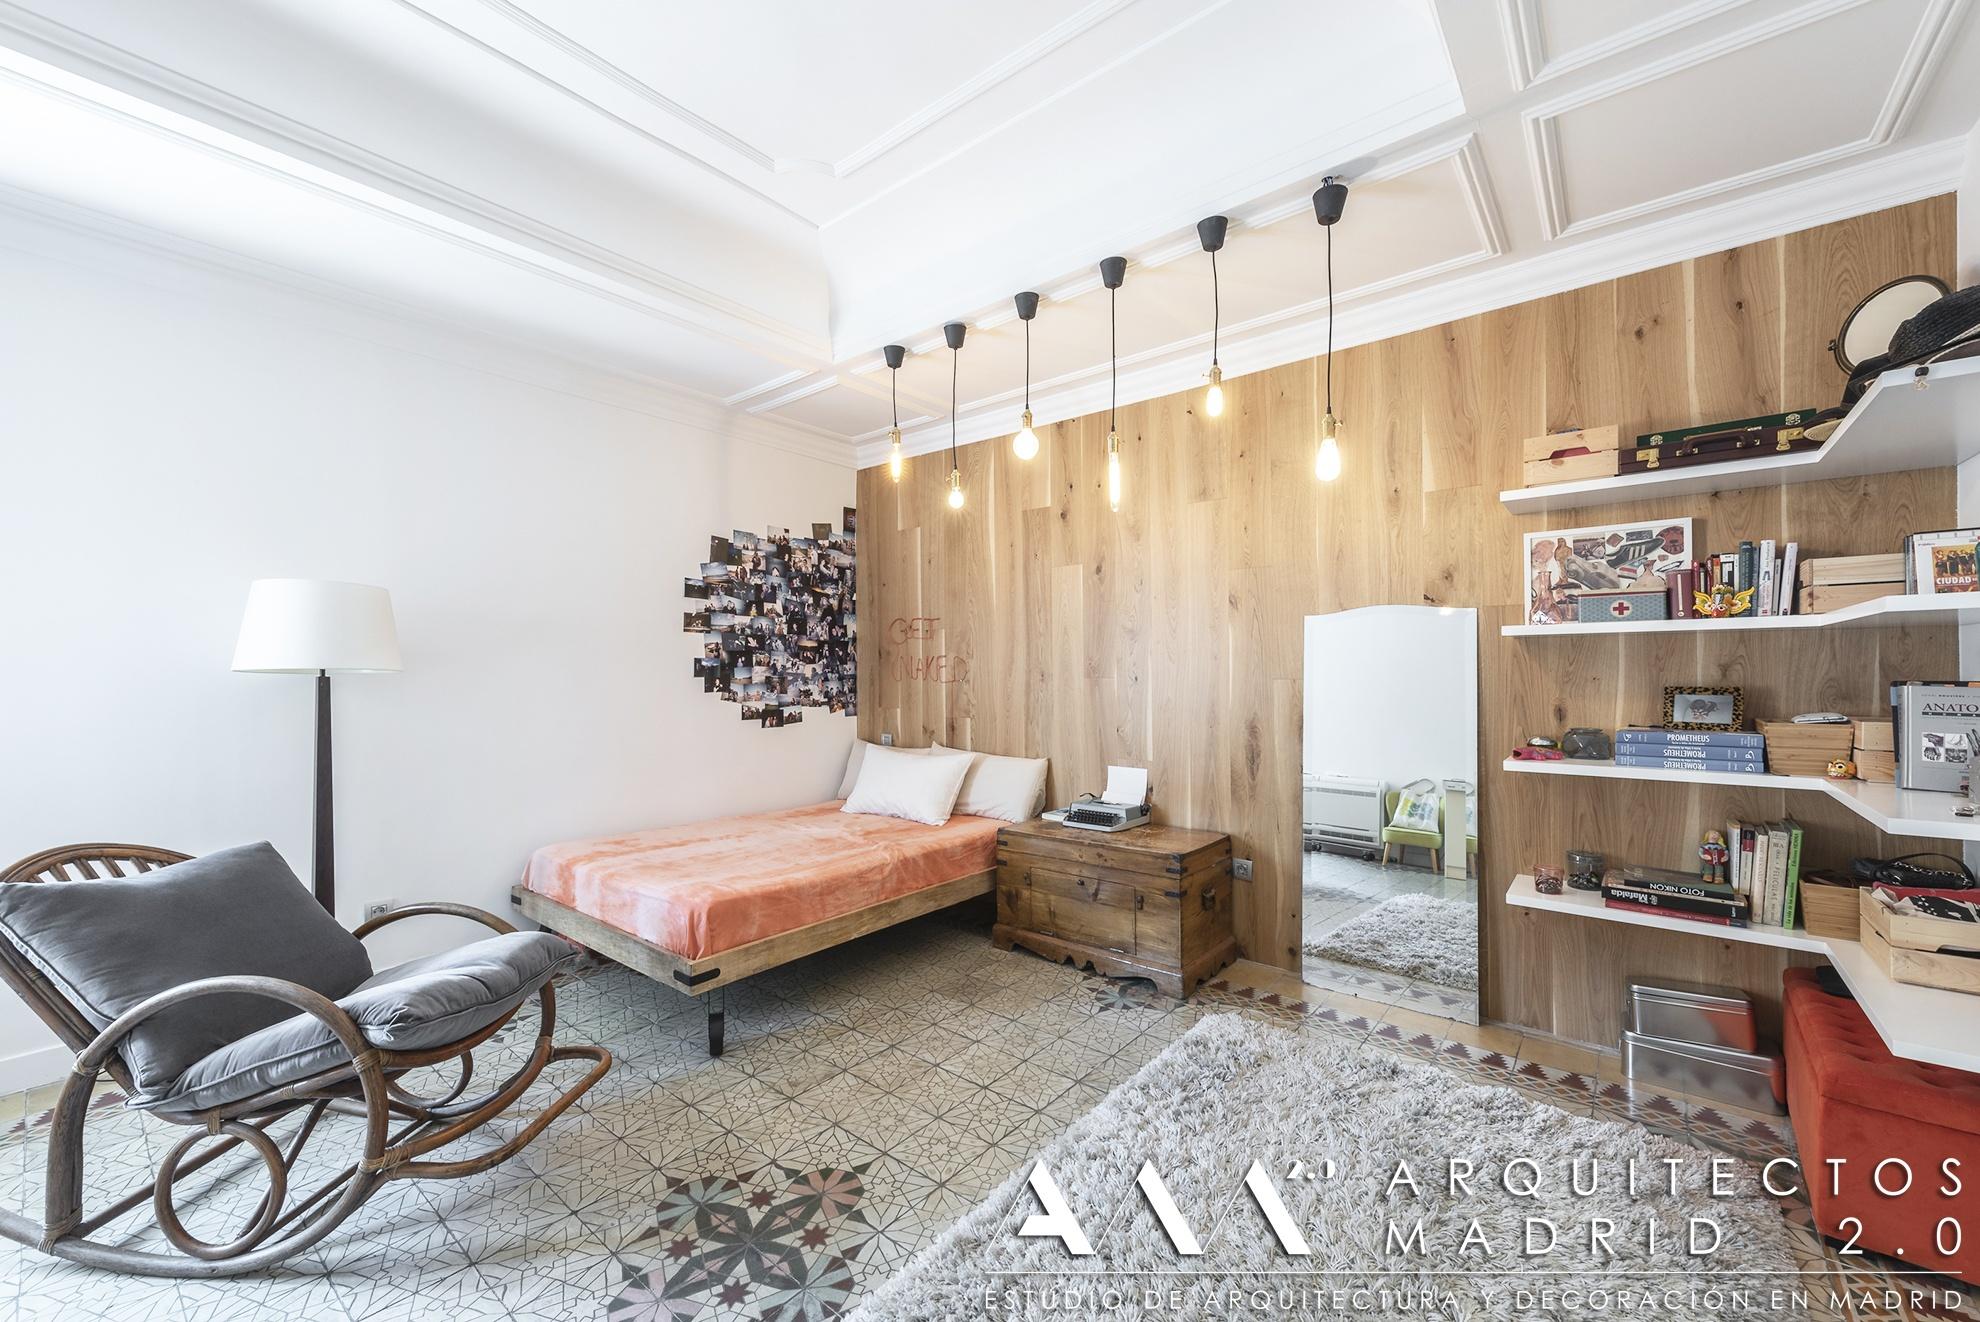 reforma-proyecto-vivienda-chamberi-arquitectos-madrid-decoracion-dormitorio-juvenil-01